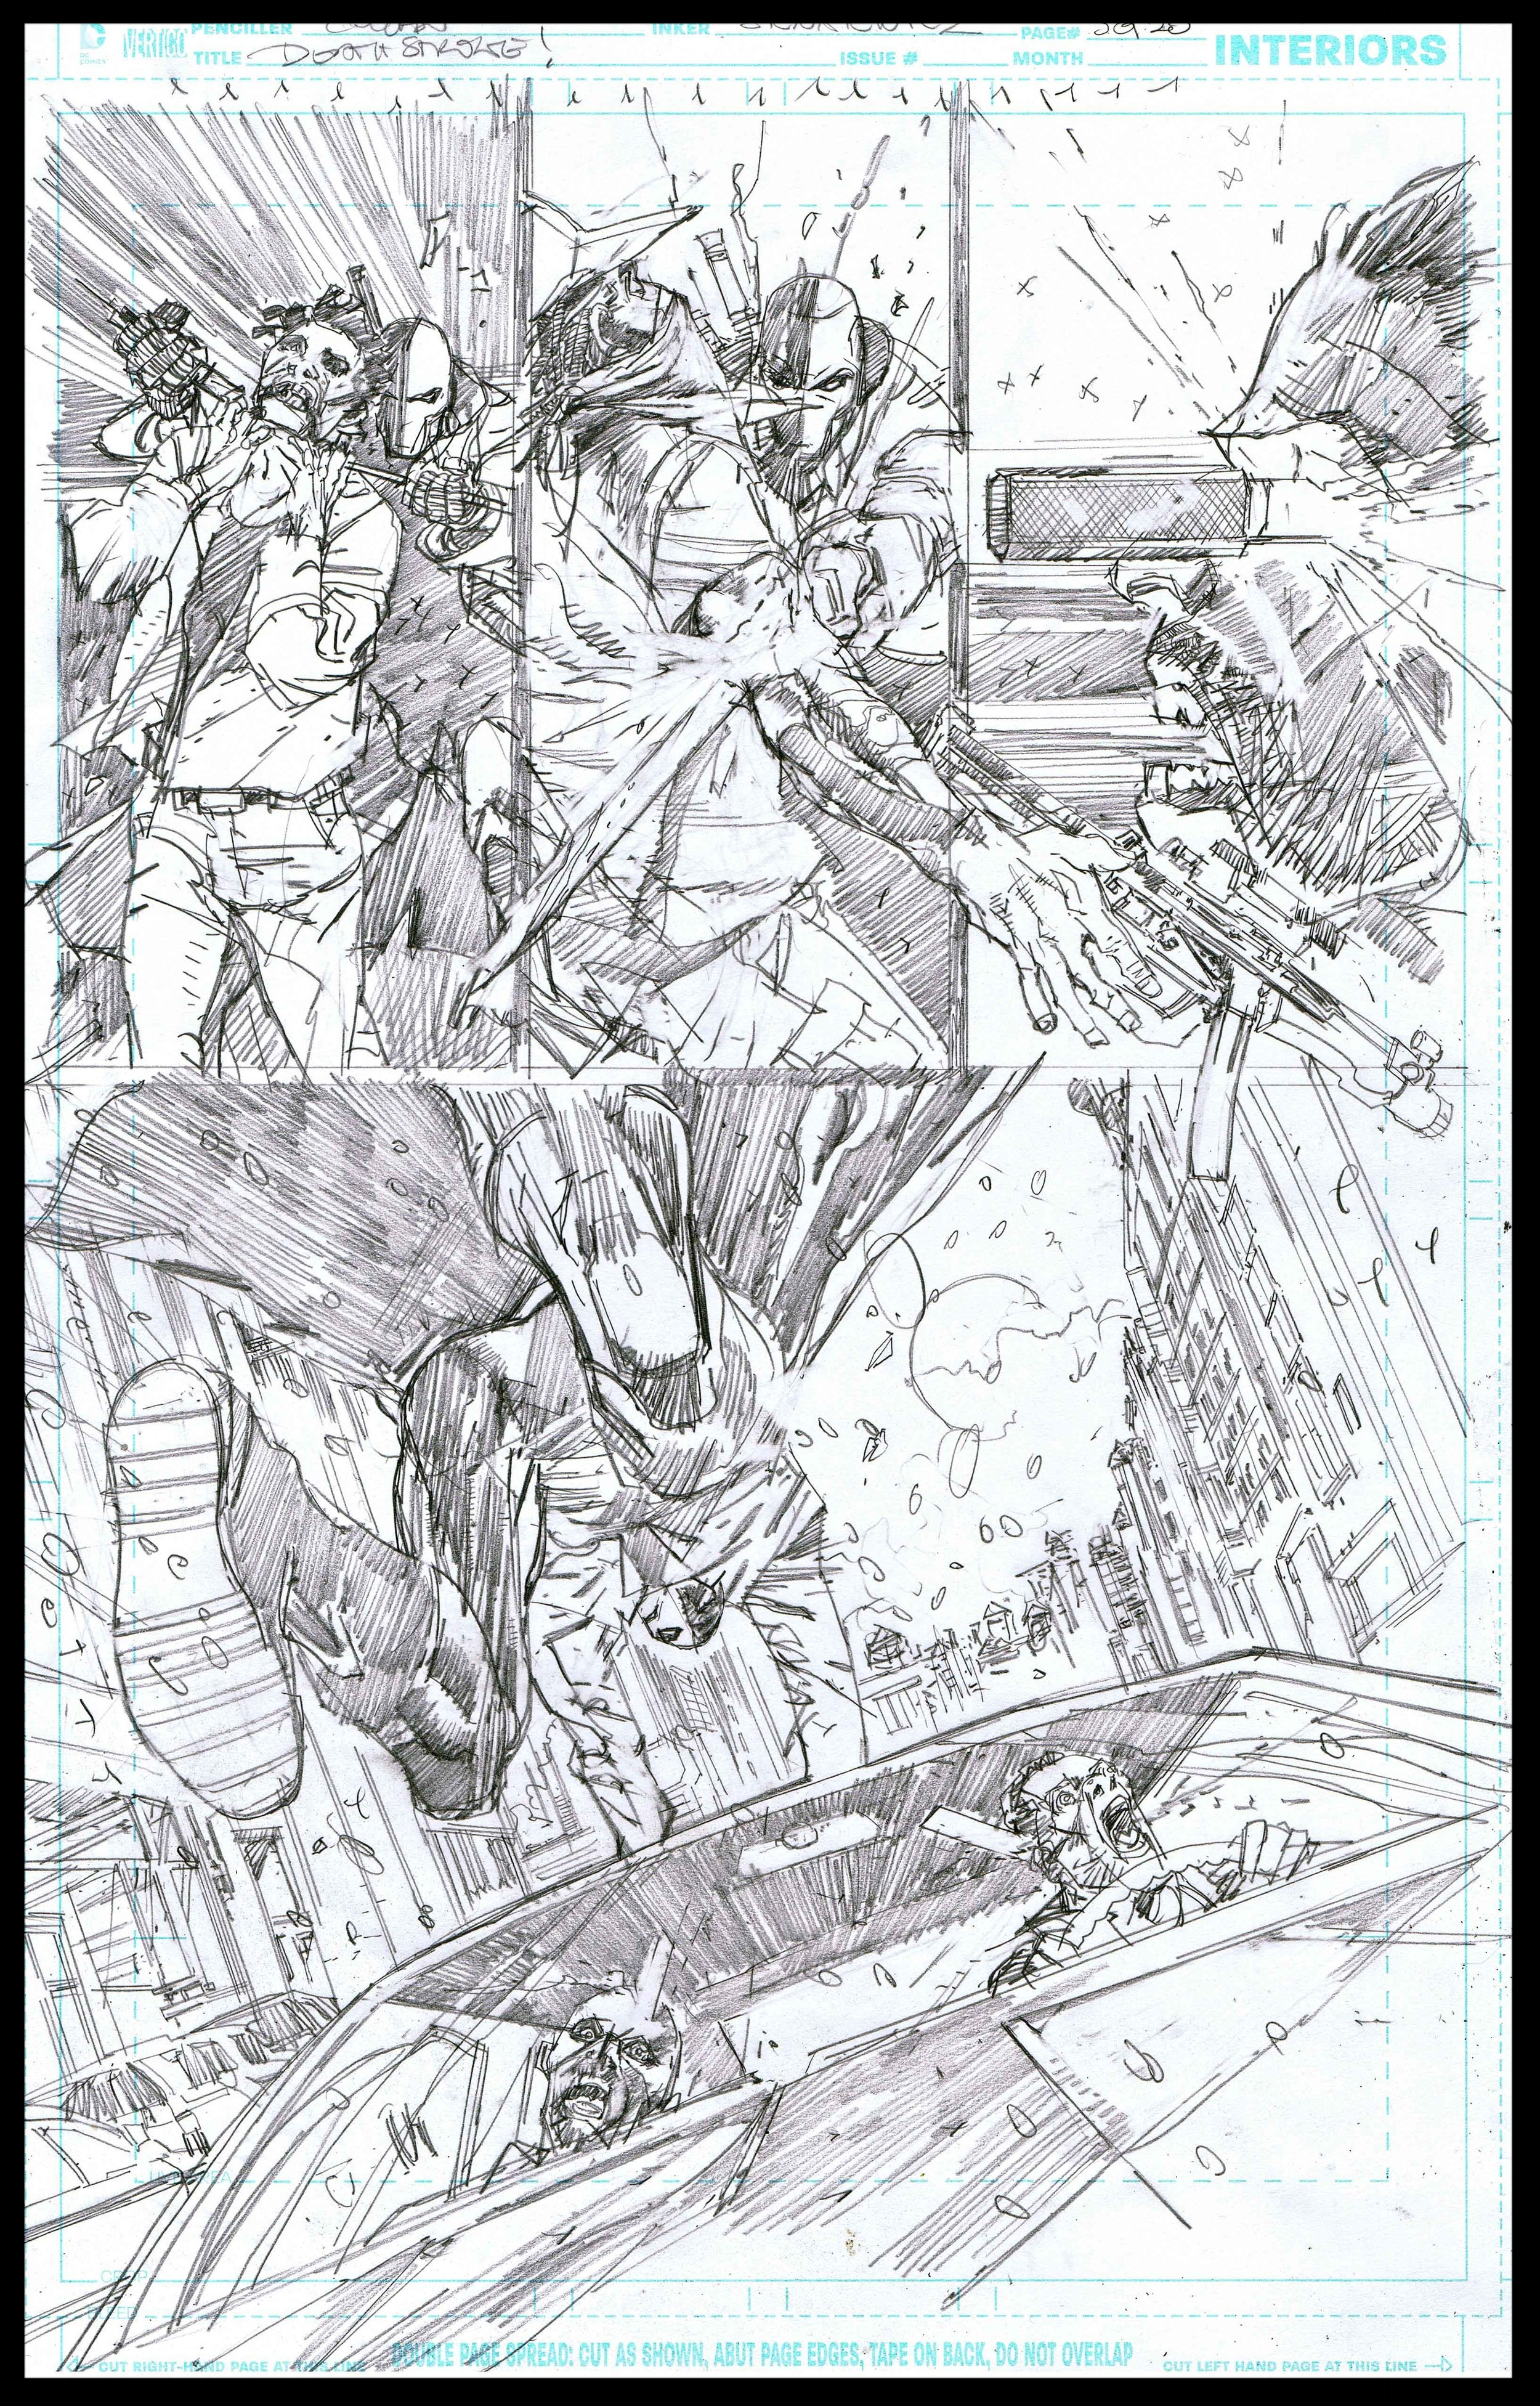 Deathstroke #11 - Page 5 - Pencils